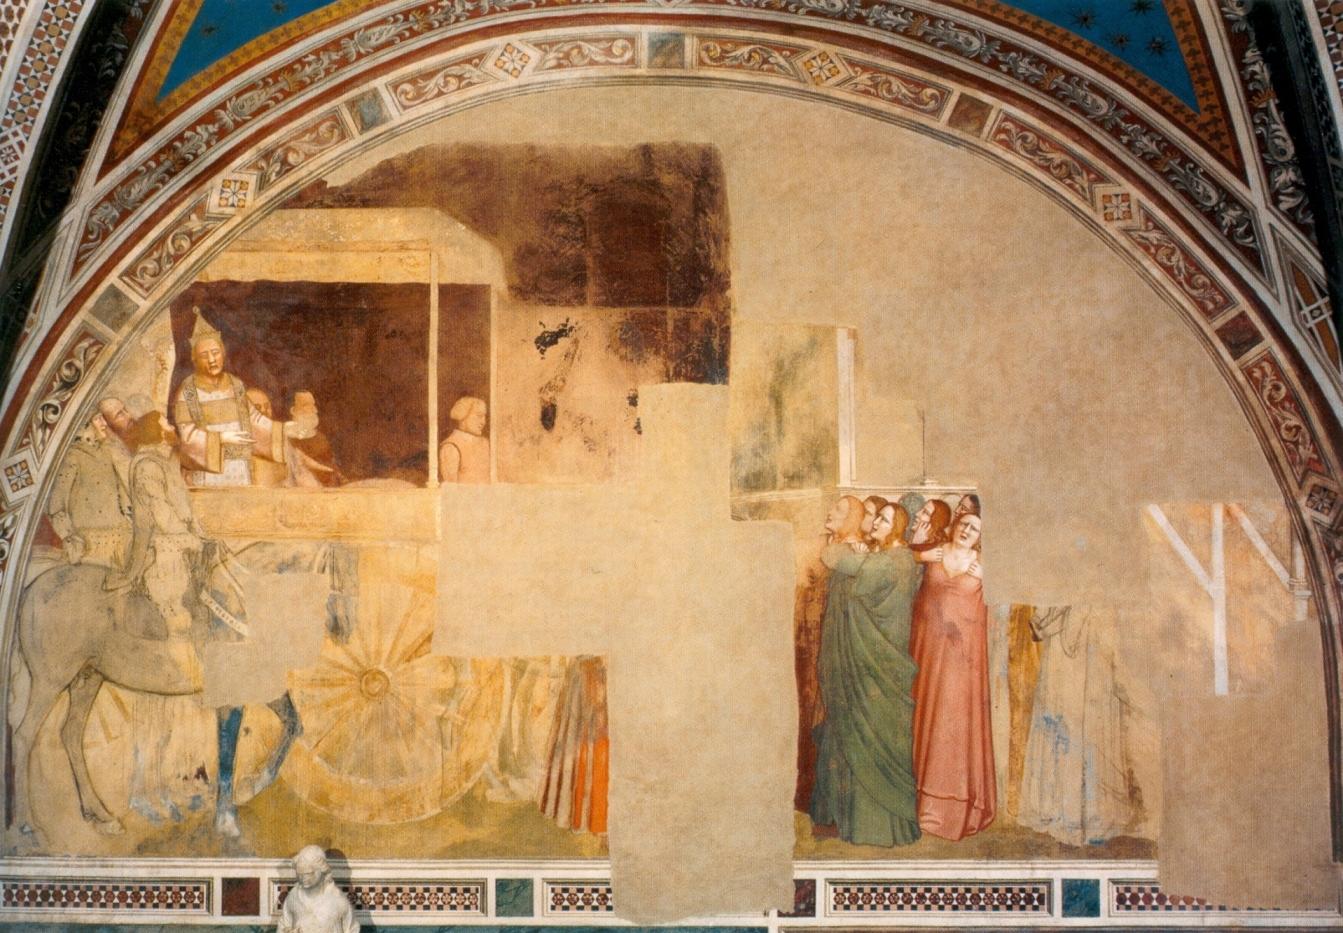 Maso di Banco, Costantino annuncia alle madri che non si bagnerà nel Sangue dei loro figli, Basilica di Santa Croce, Firenze